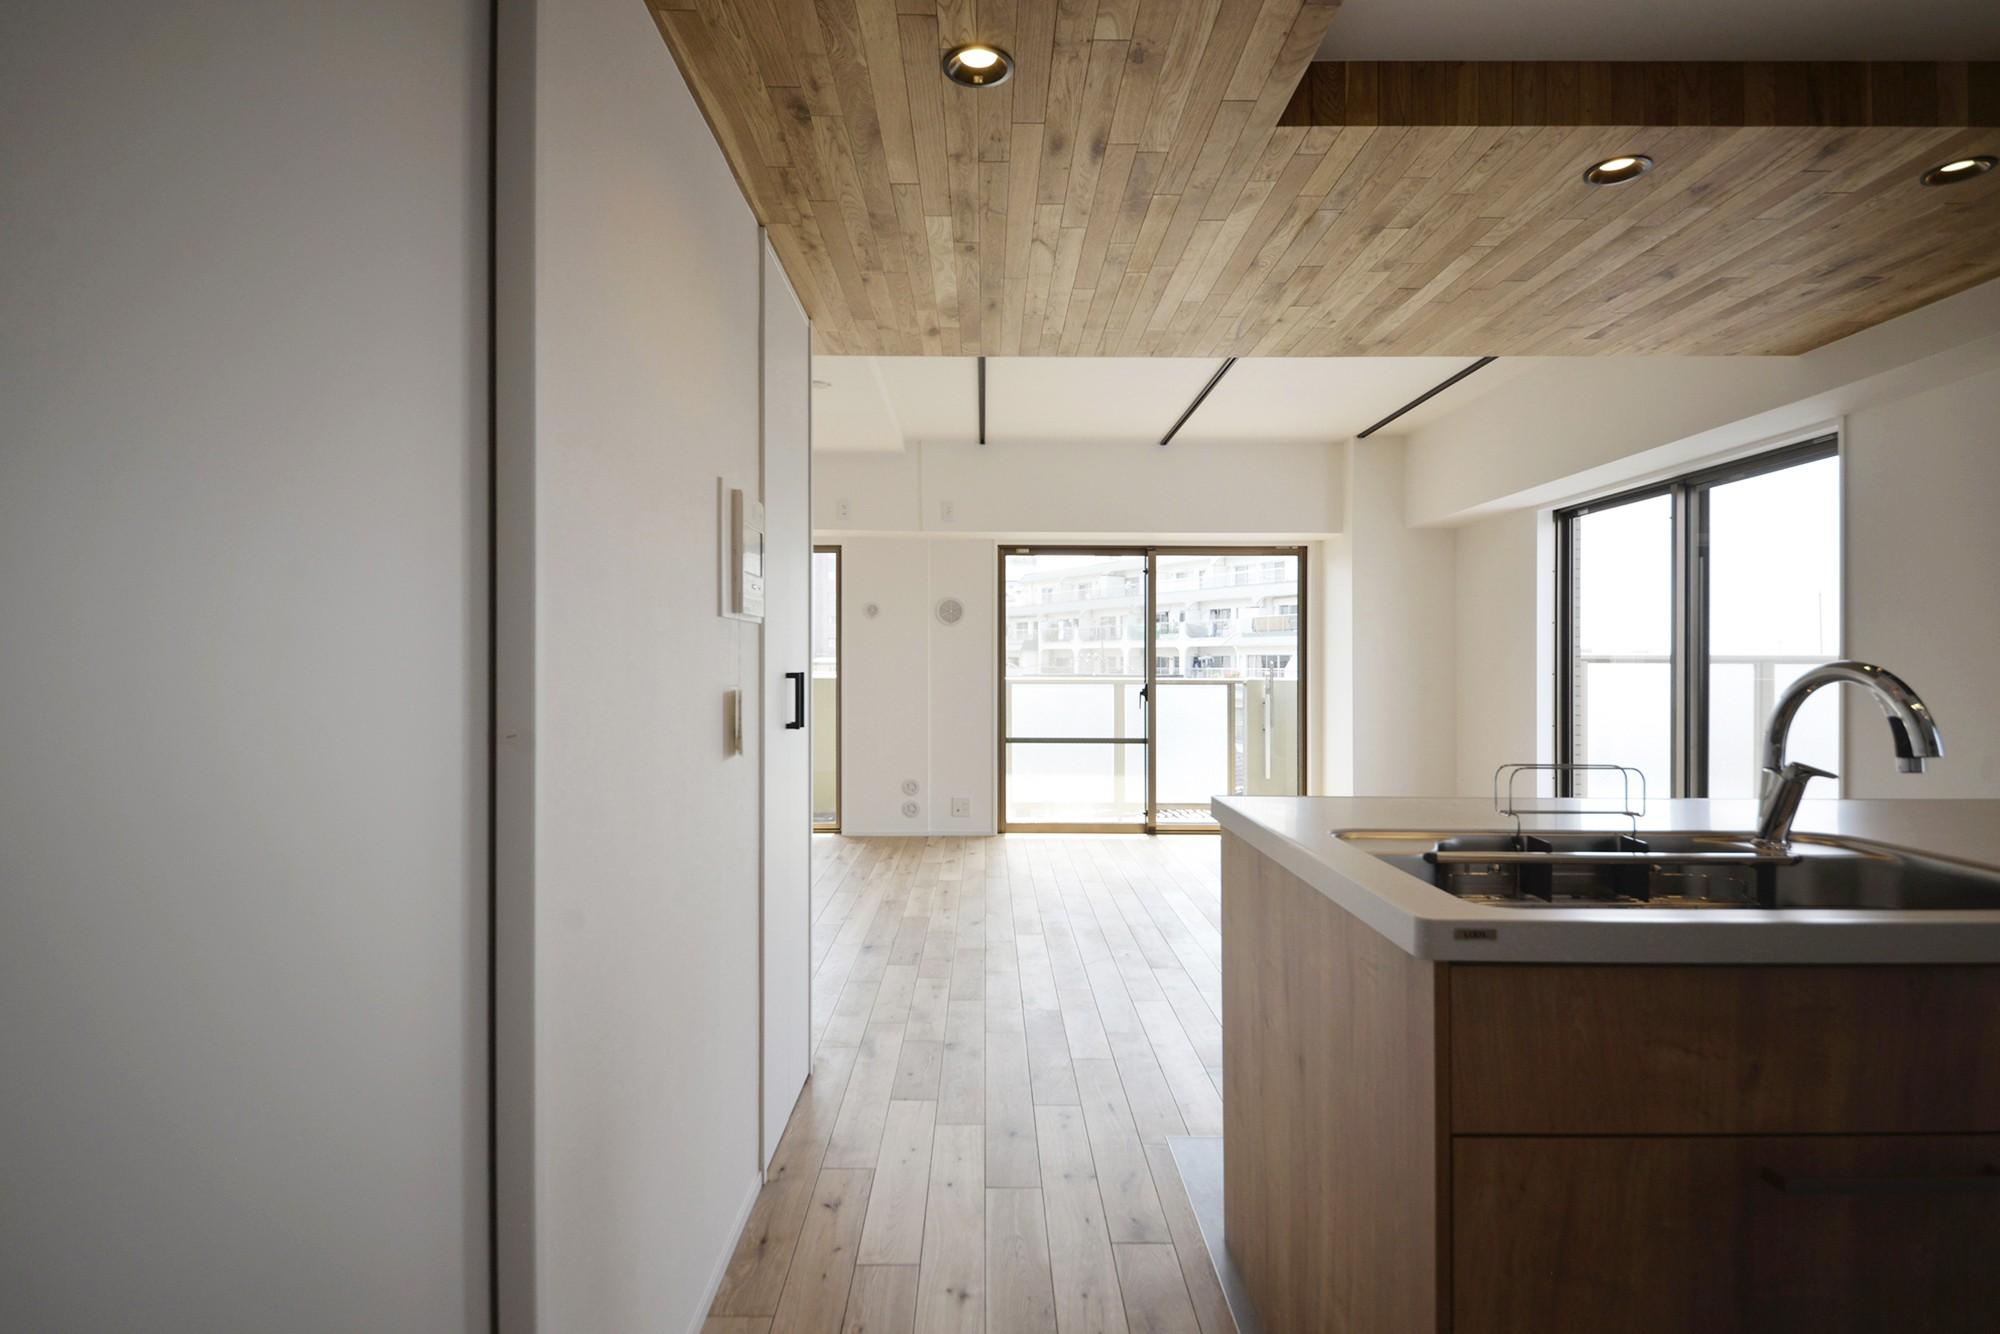 キッチン事例:キッチン(天井の無垢材がアクセントの明るい広々空間)